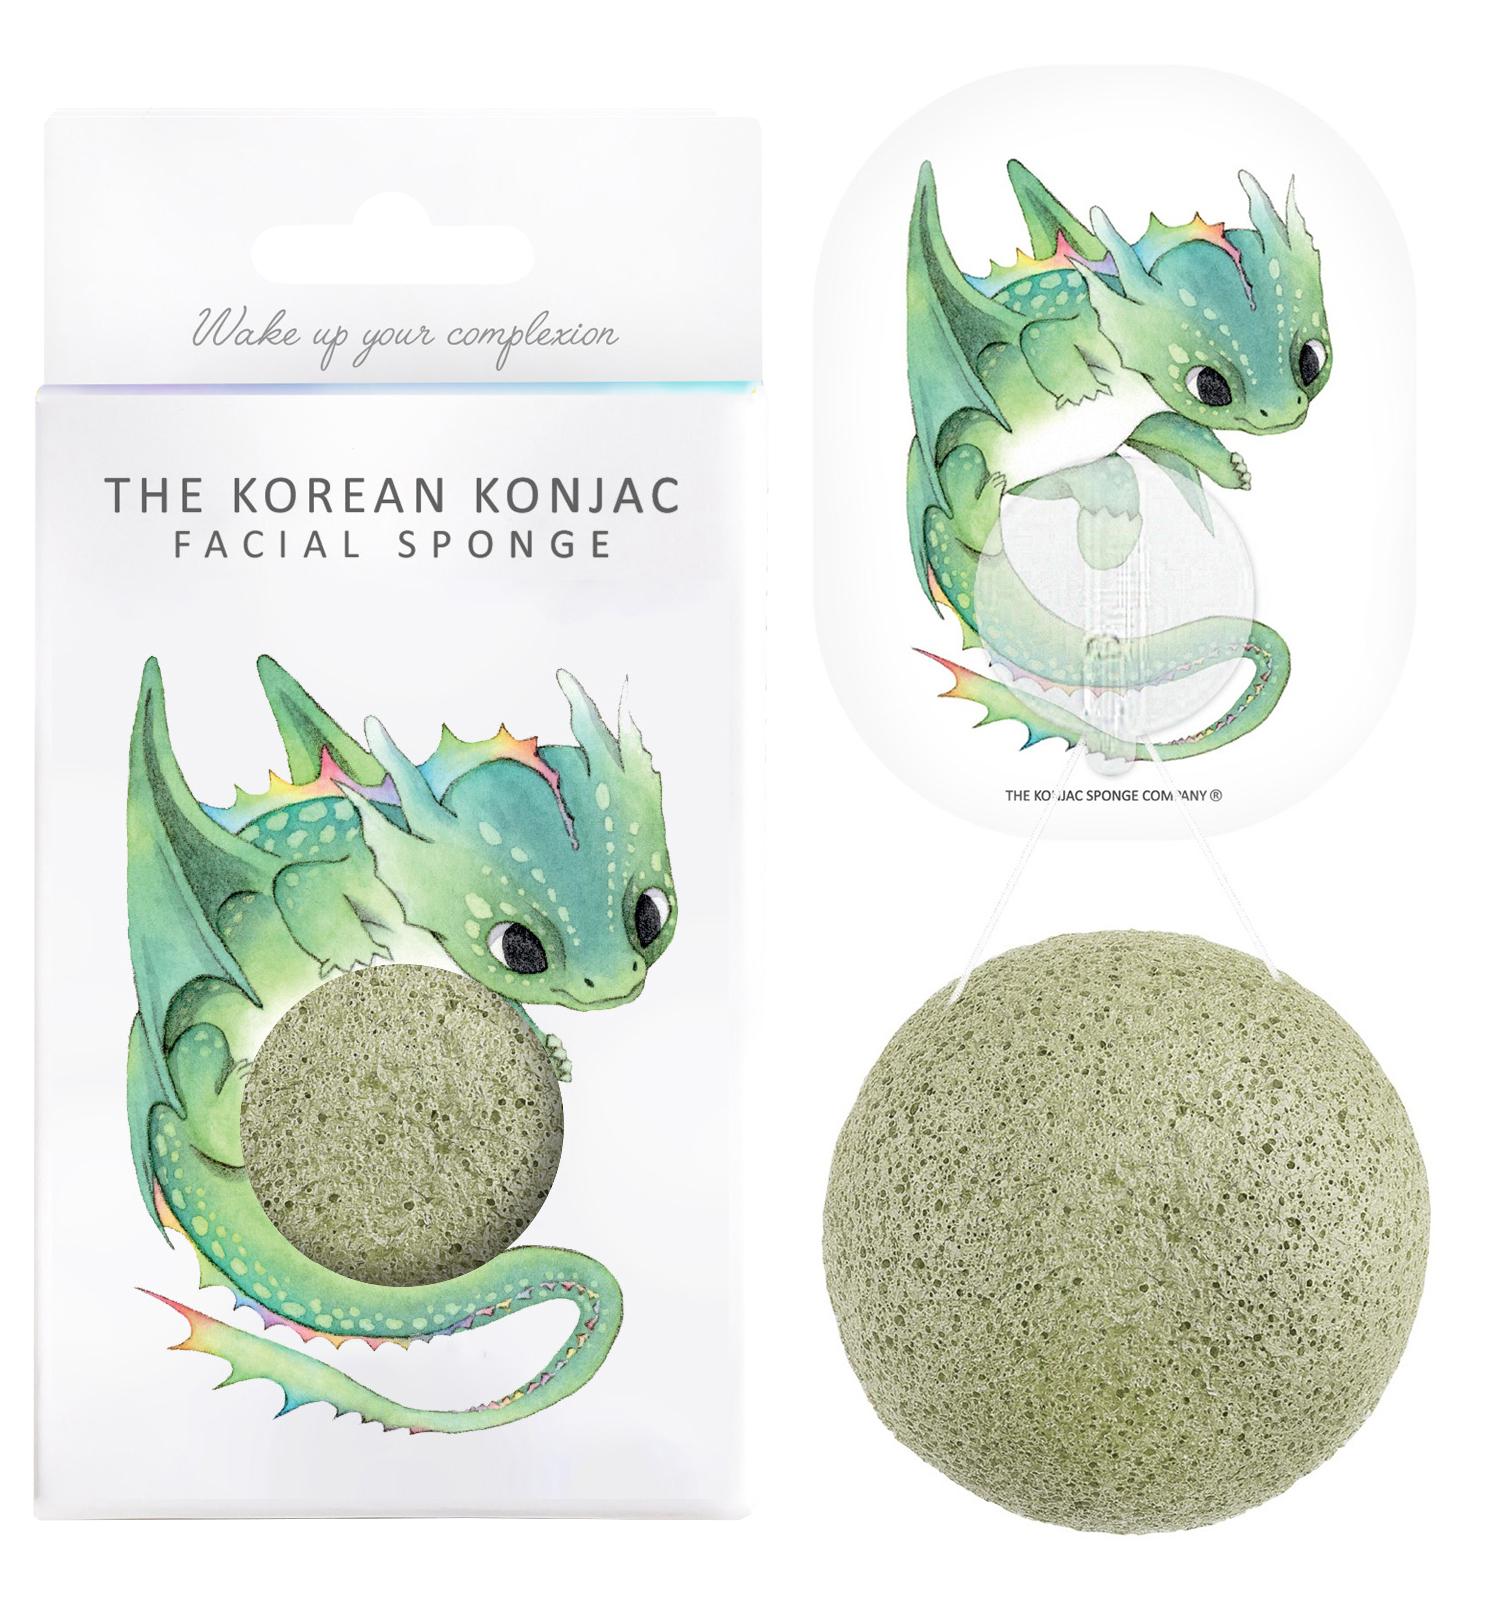 Konjac Sponge Mythical Beast Dragon and Hook - konjaková houba se zeleným jílem 1 ks